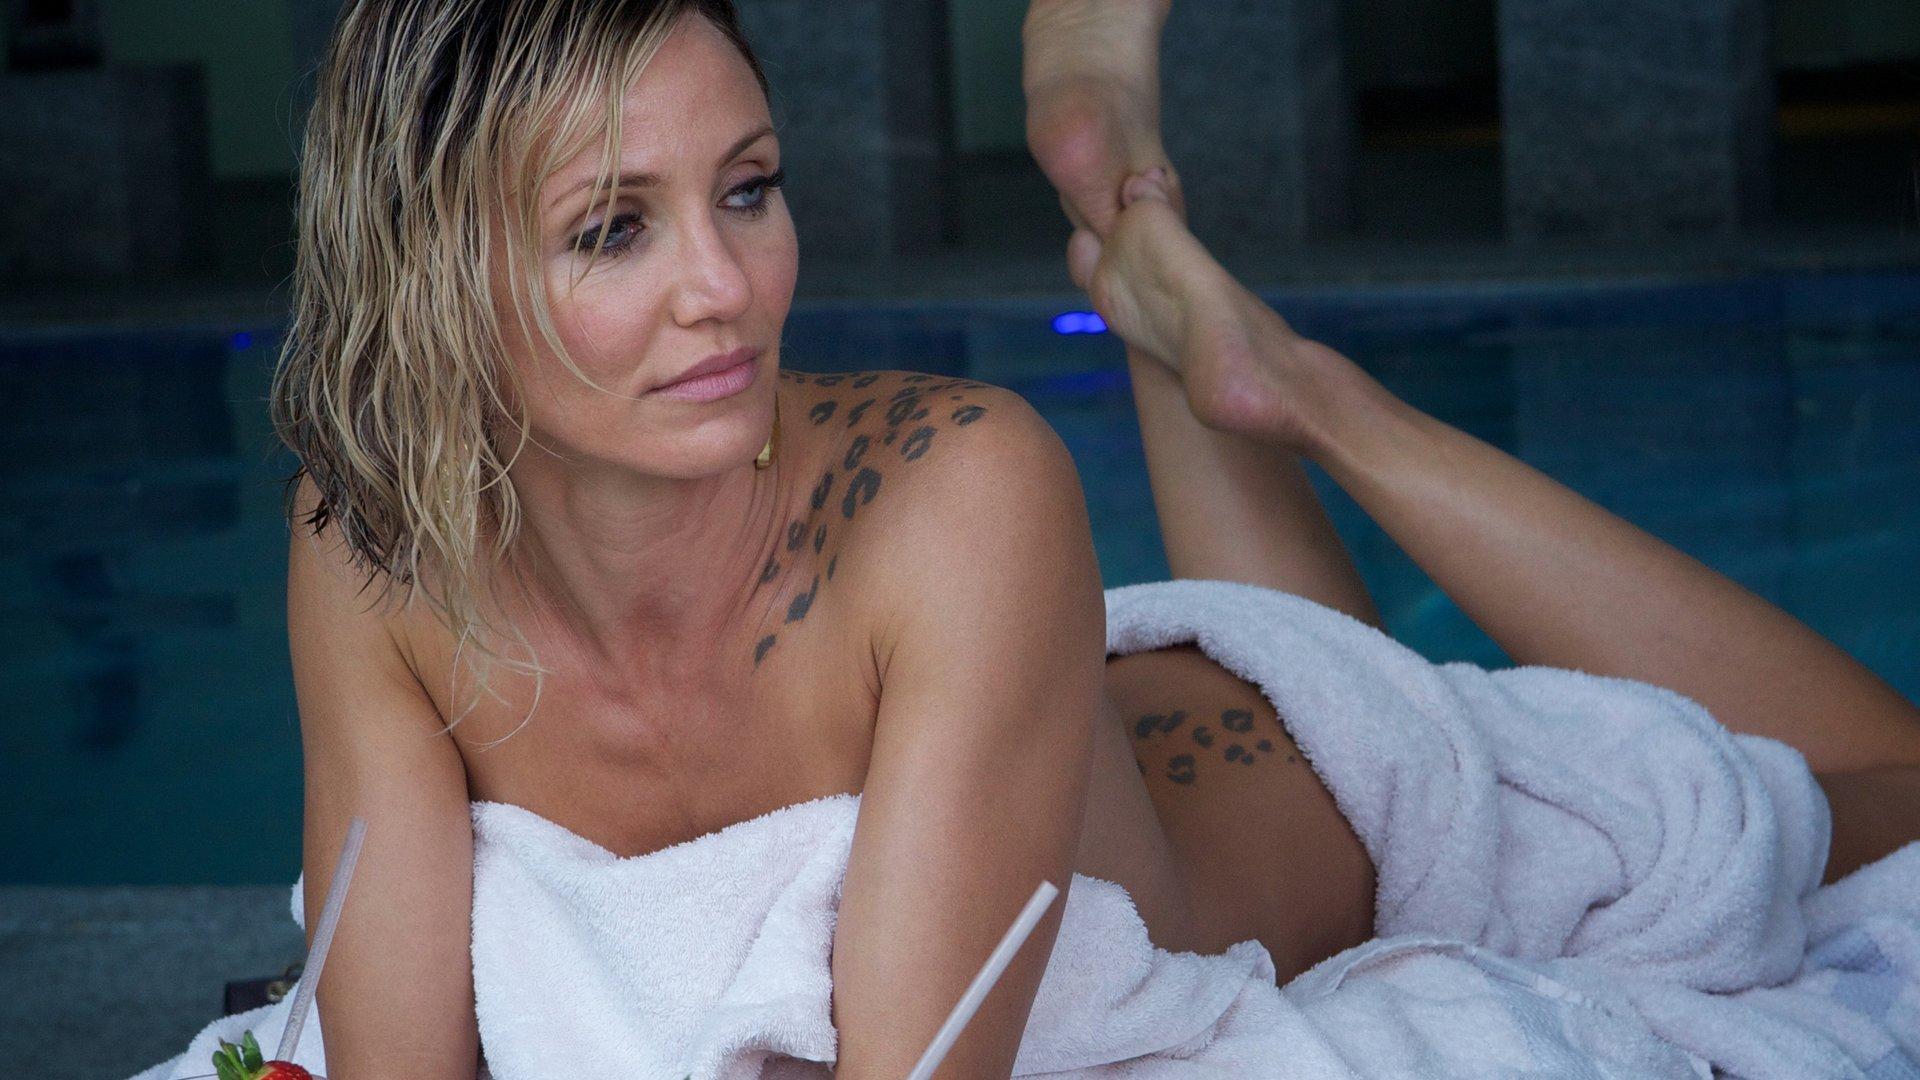 Deutsche schauspielerinnen erotische Am Meisten